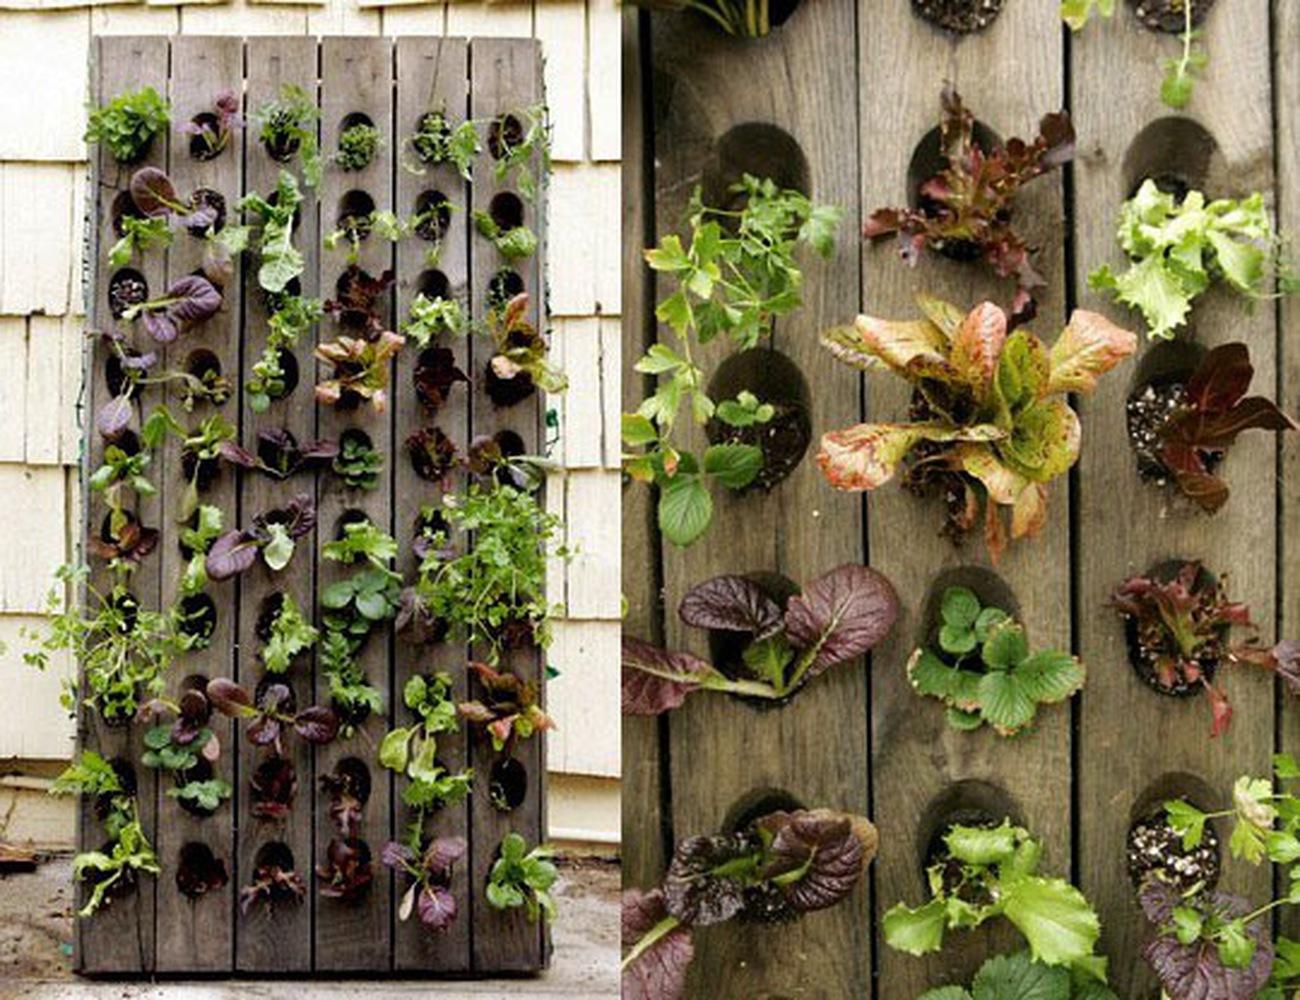 Balkonkertészkedésre fel! -10 ötlet, hogyan legyen kerted a balkonodon